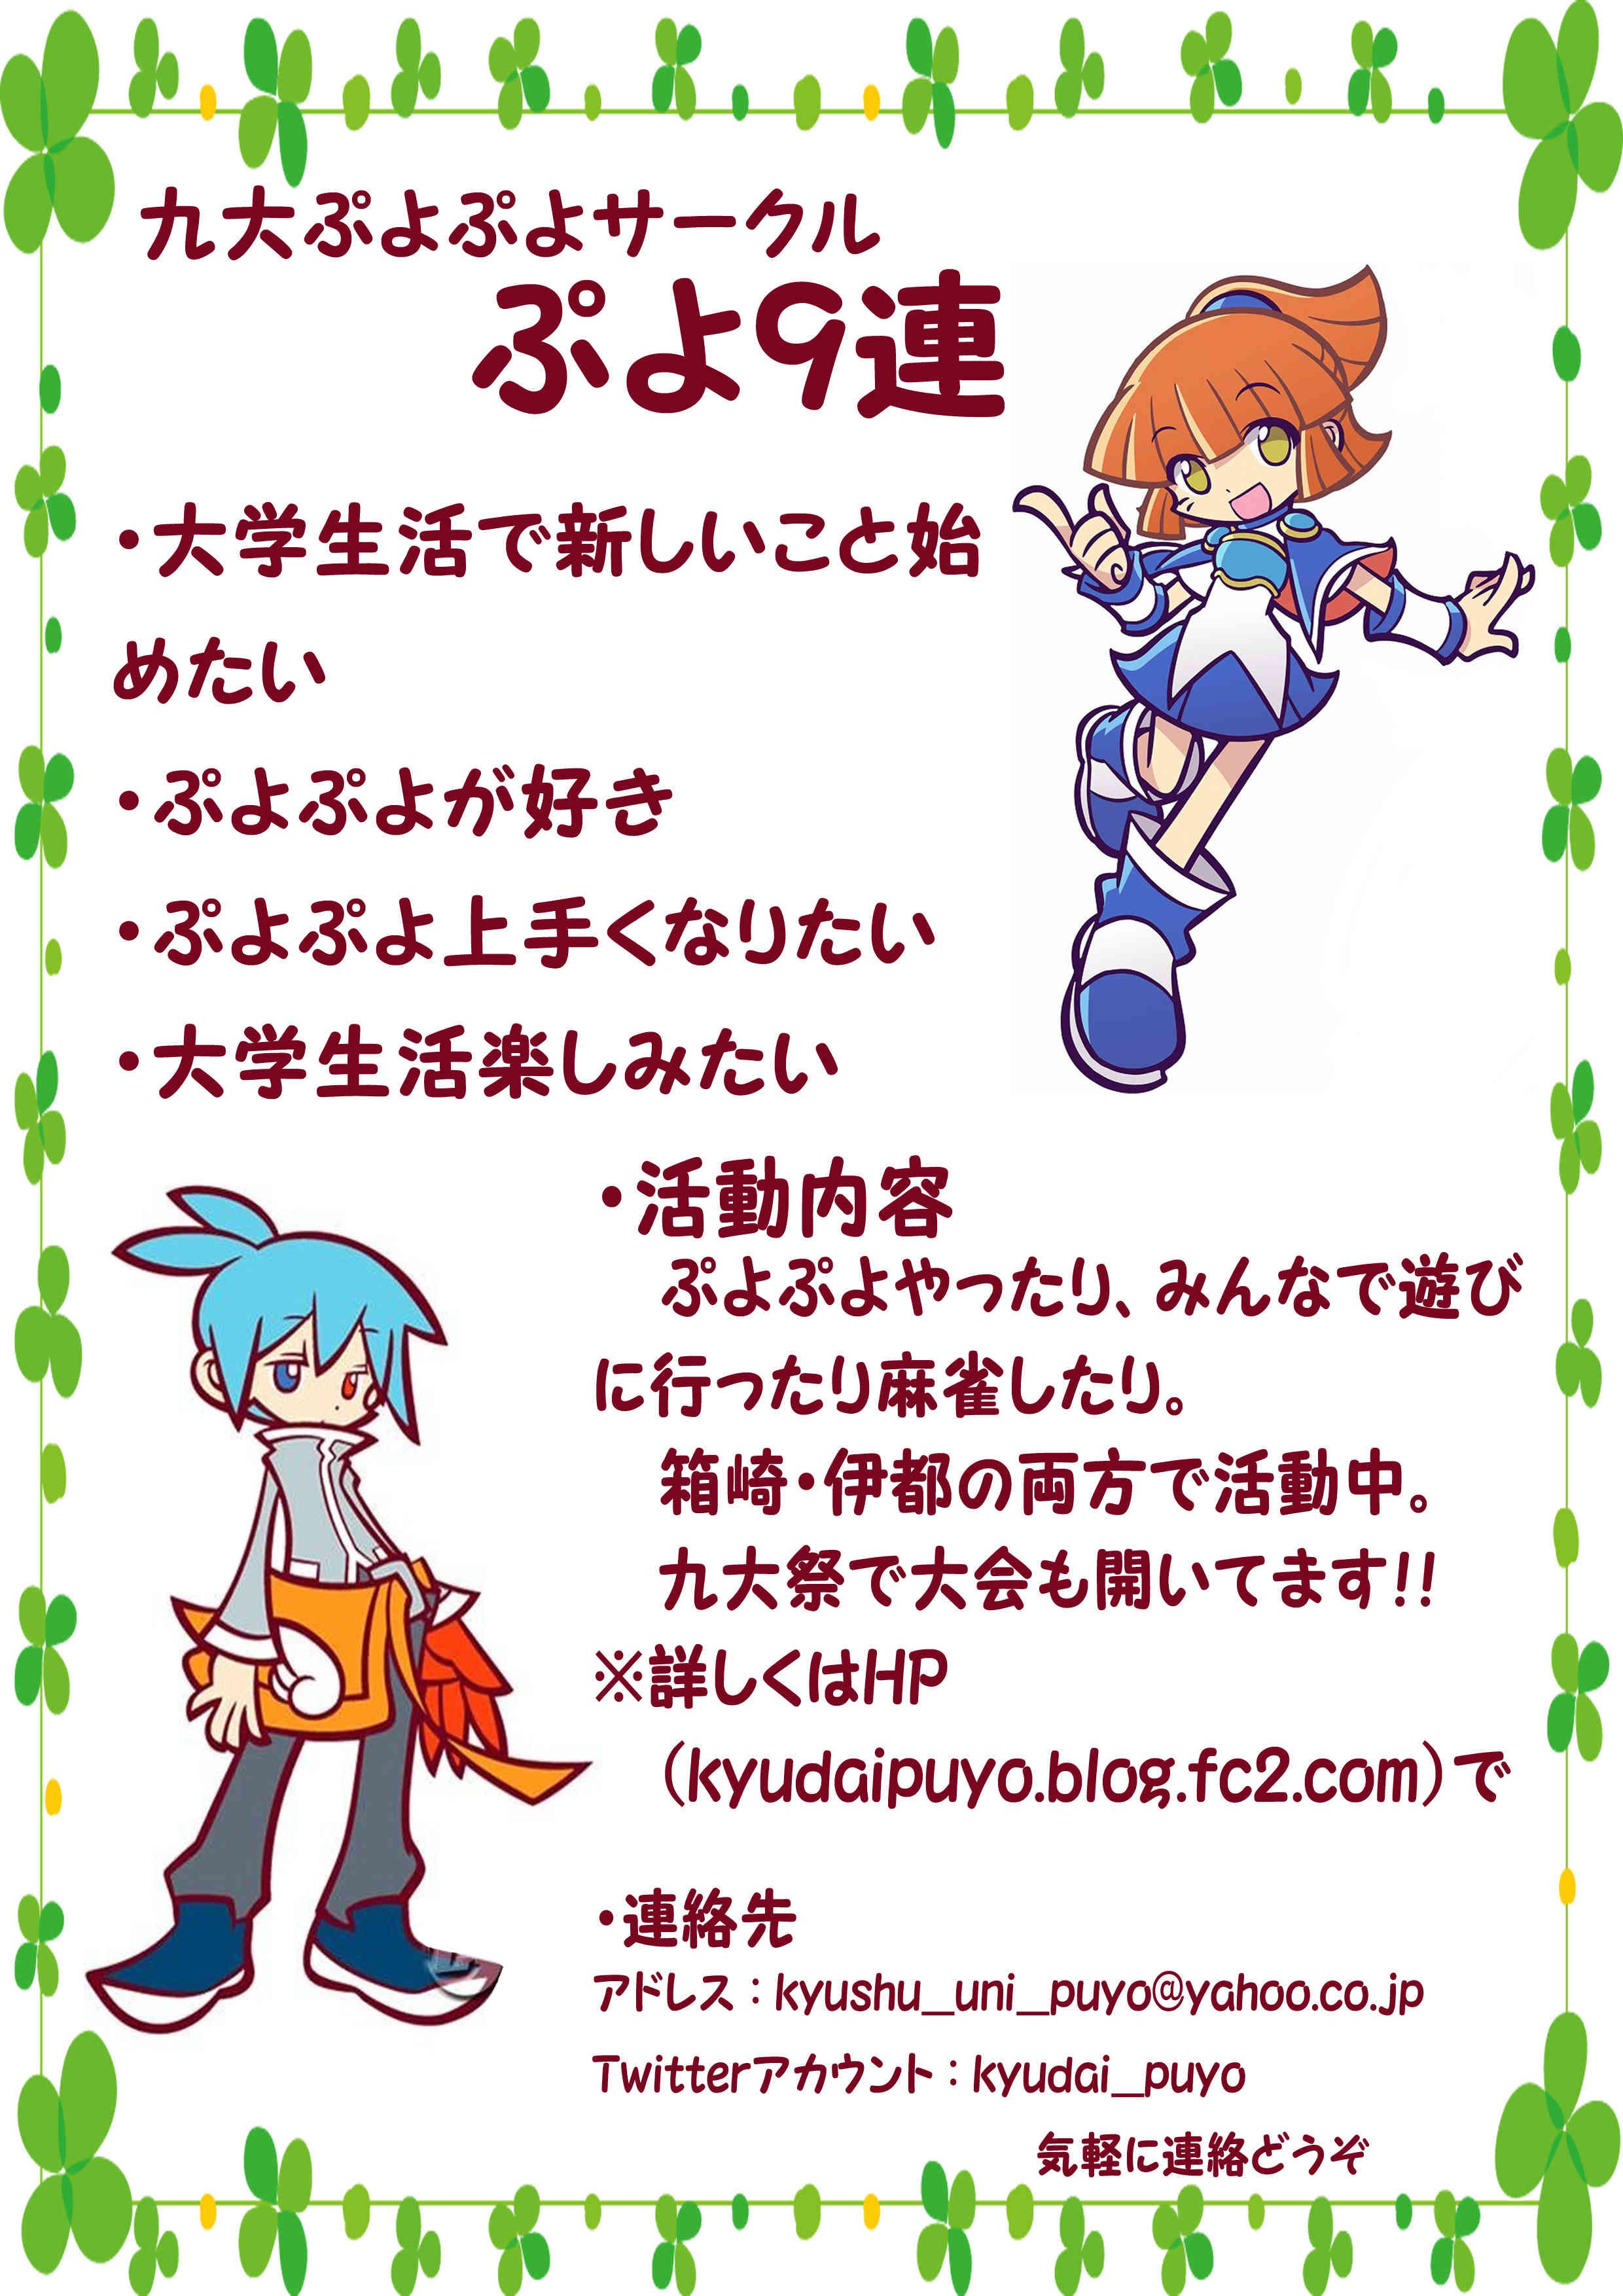 2013ぷよ9連ビラ